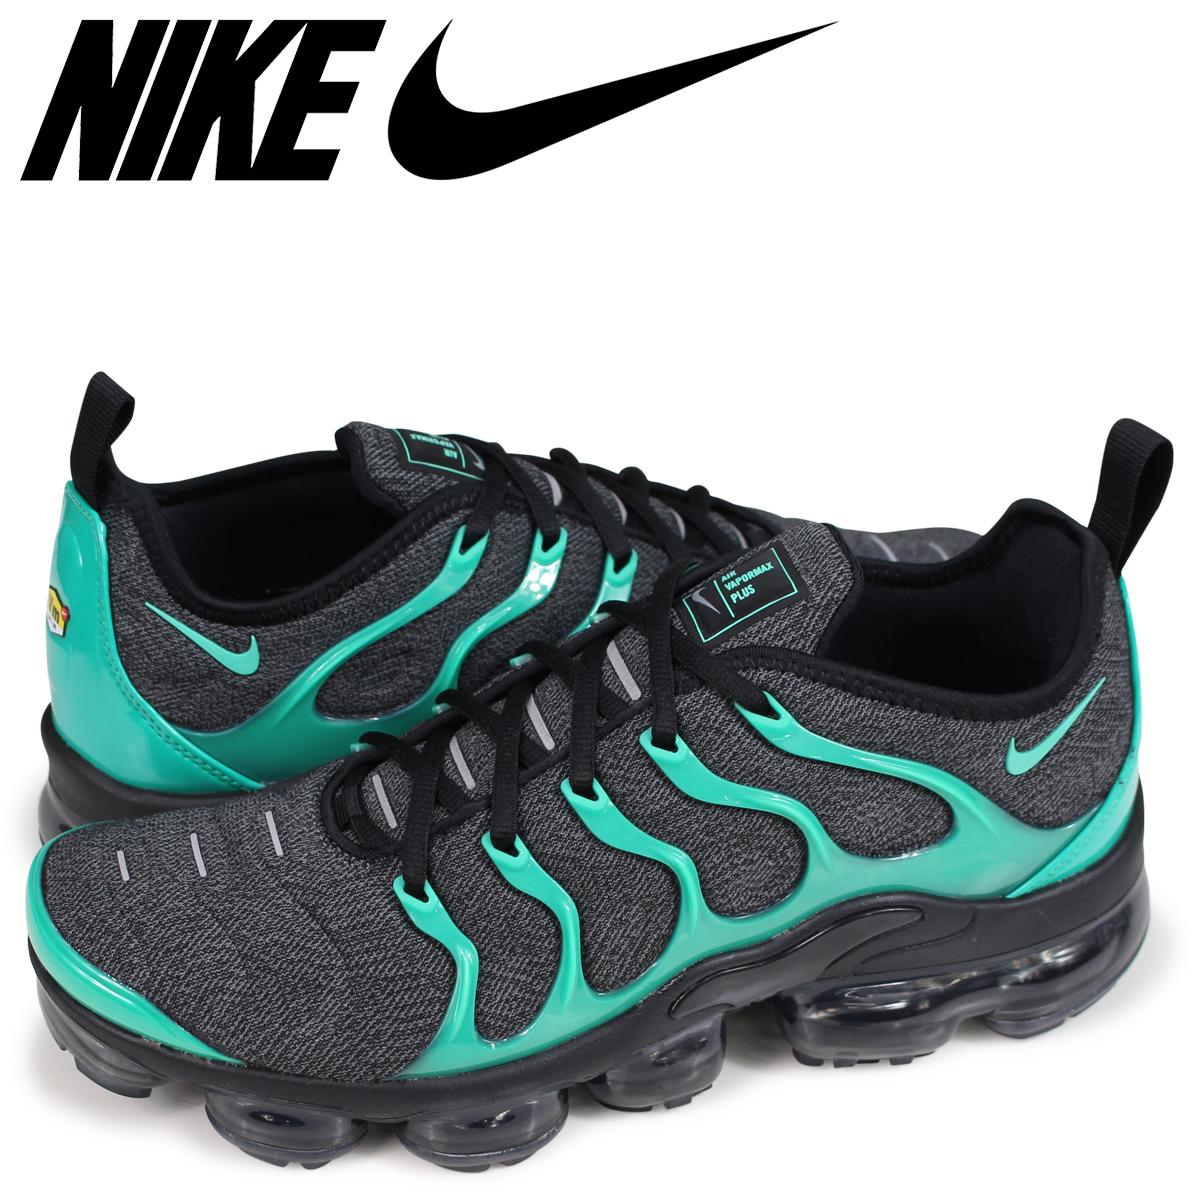 437d499913d745 SneaK Online Shop  Nike NIKE air vapor max plus sneakers men AIR ...